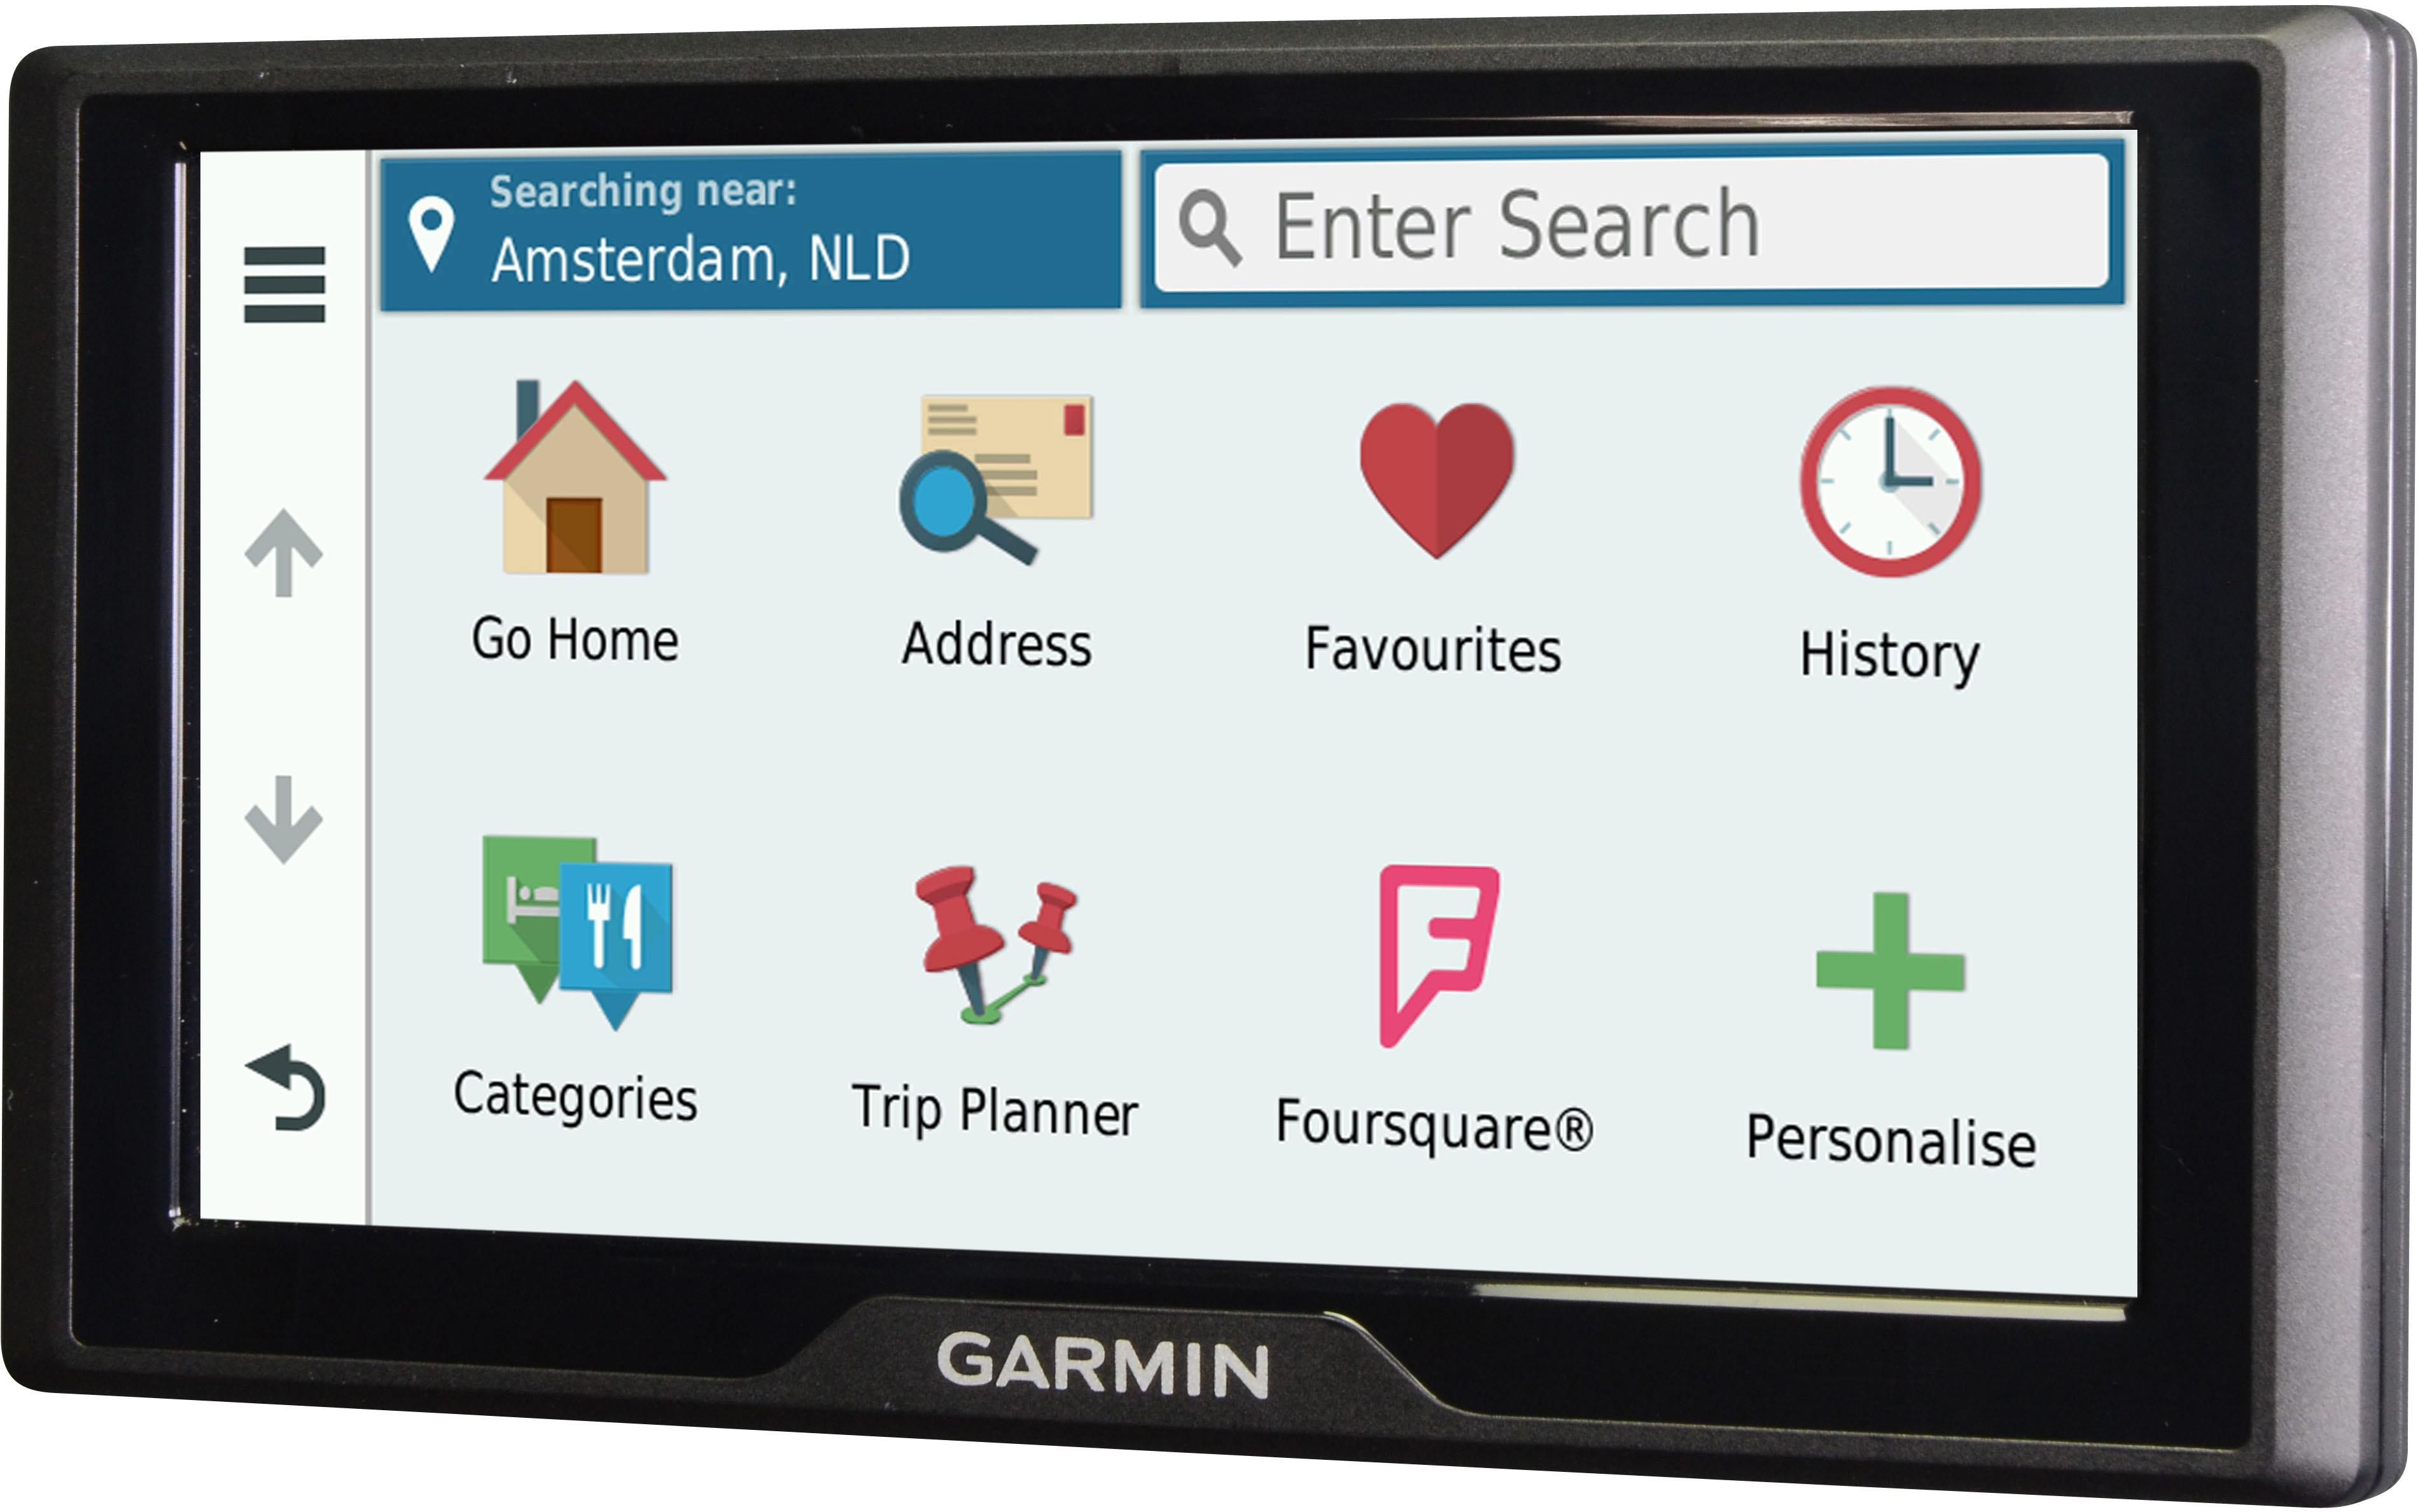 garmin drive 60lmt test en review test aankoop. Black Bedroom Furniture Sets. Home Design Ideas